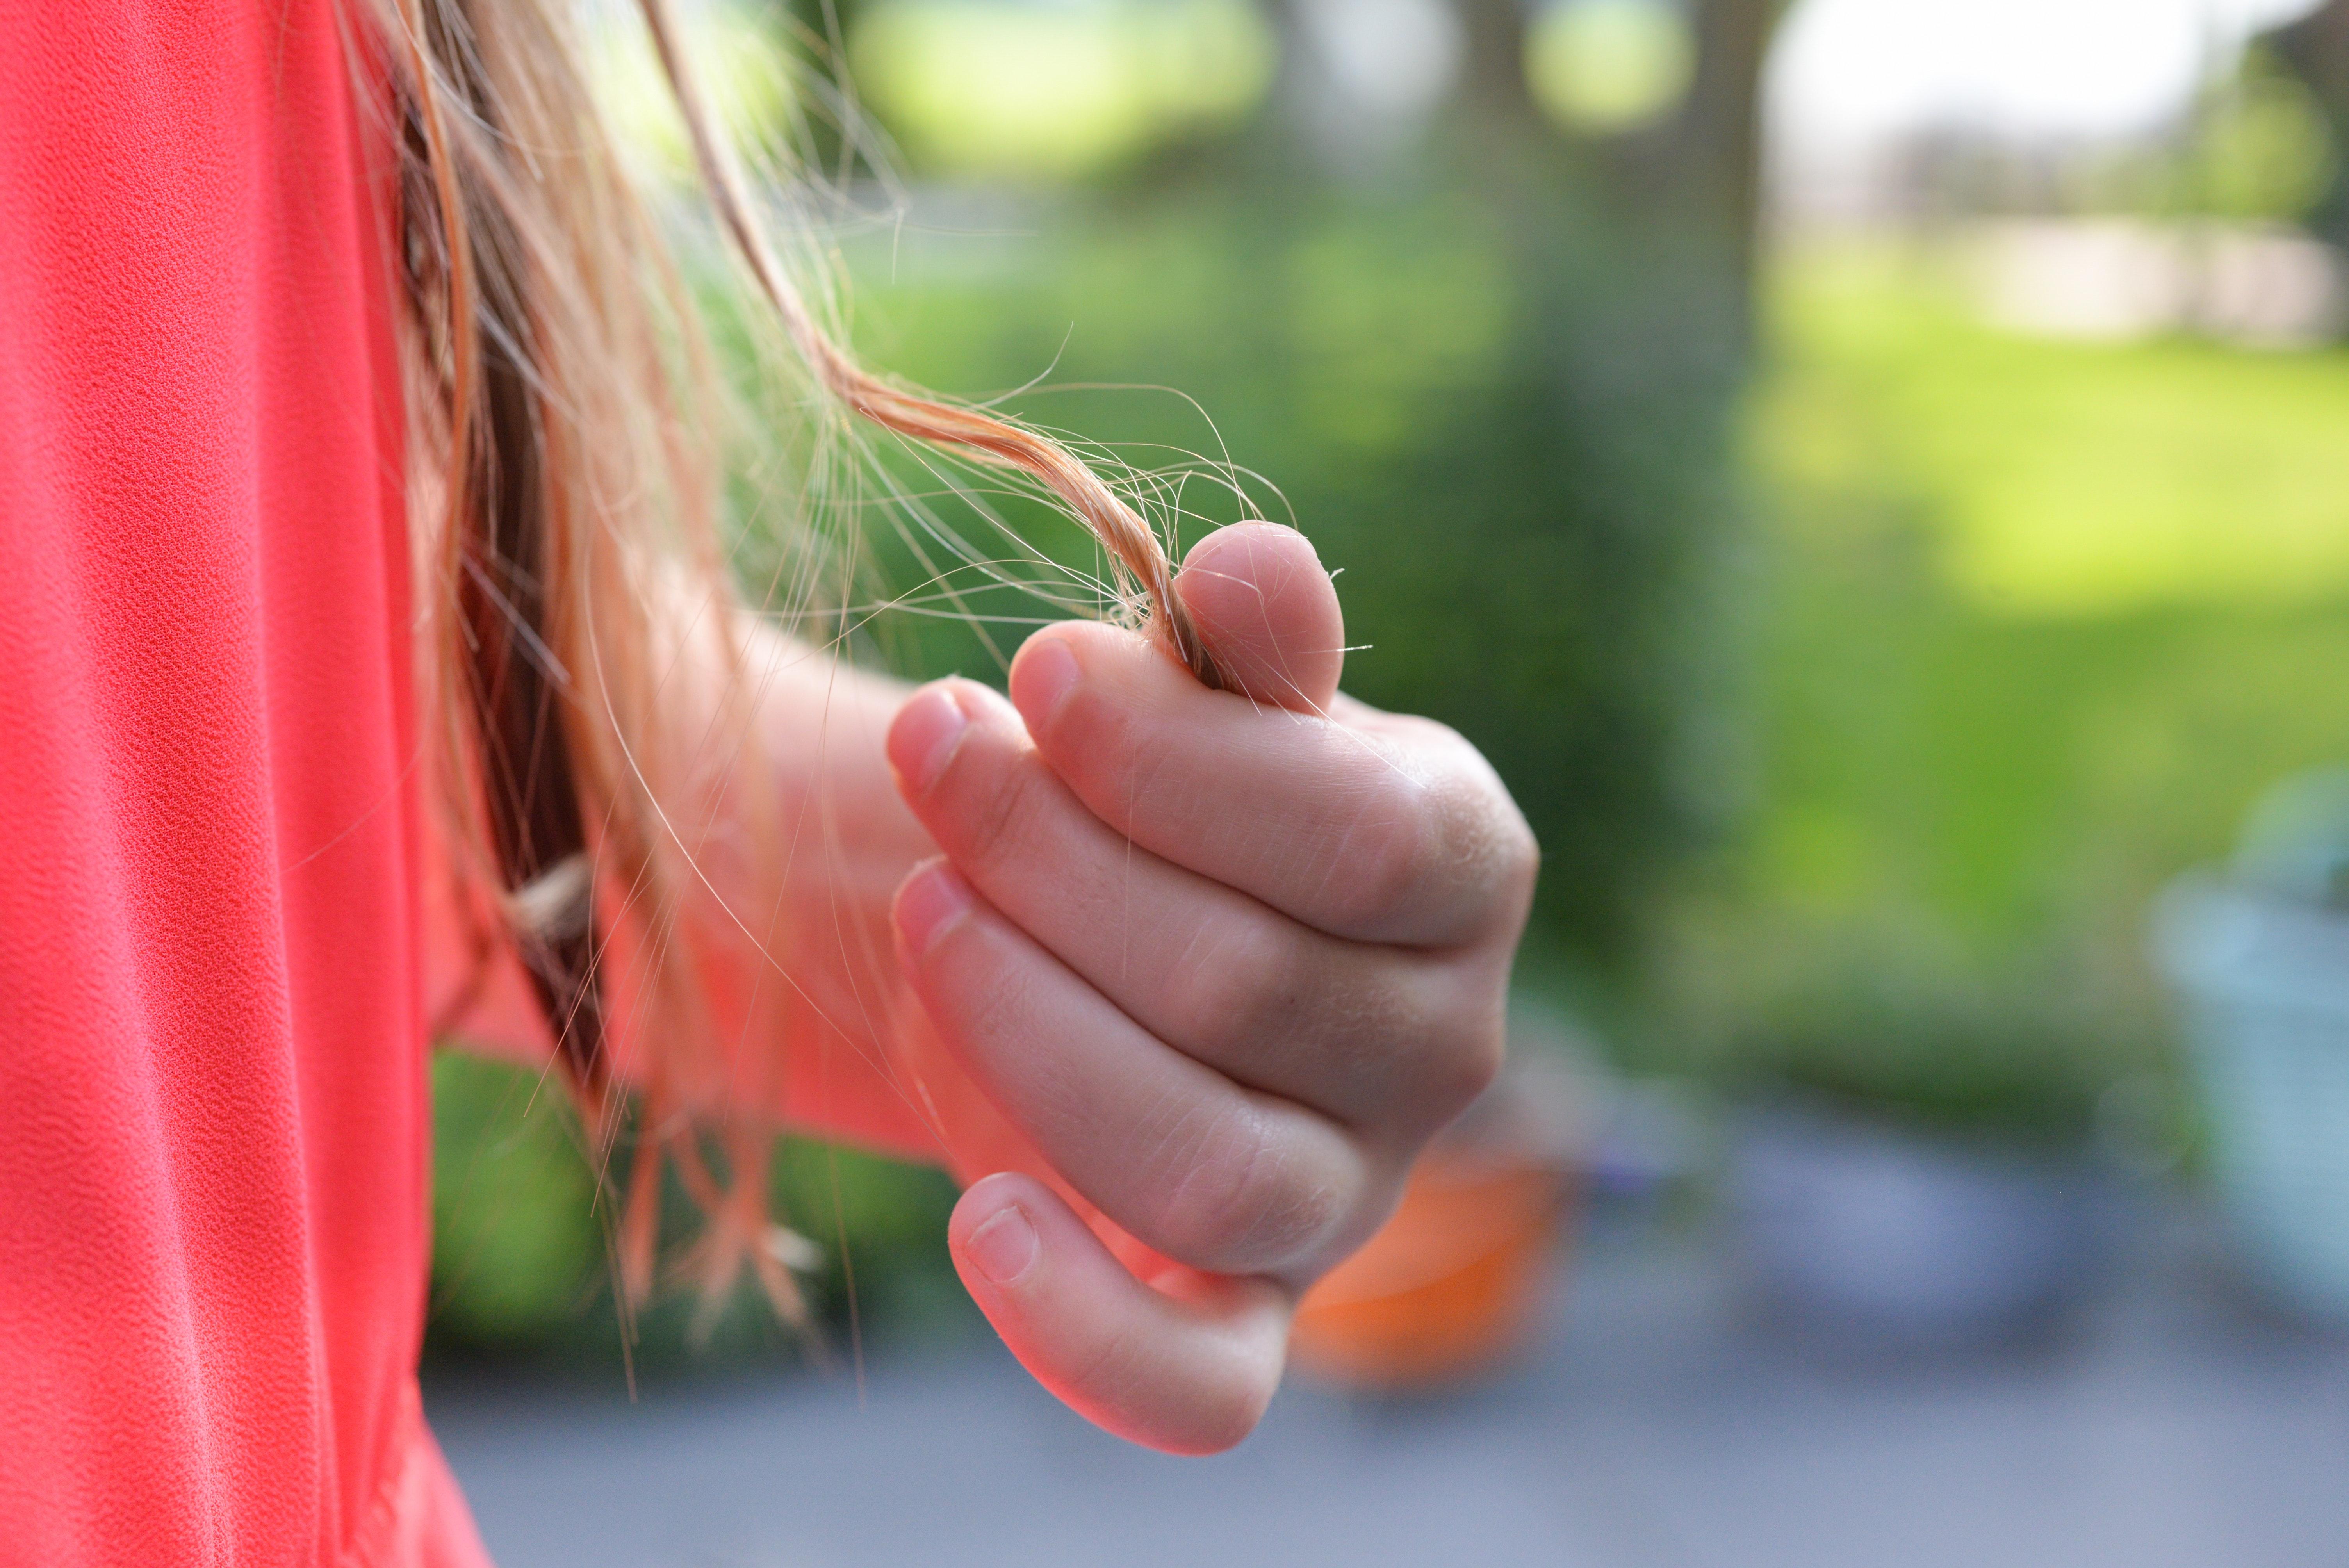 jakie hormony są odpowiedzialne za wypadanie włosów